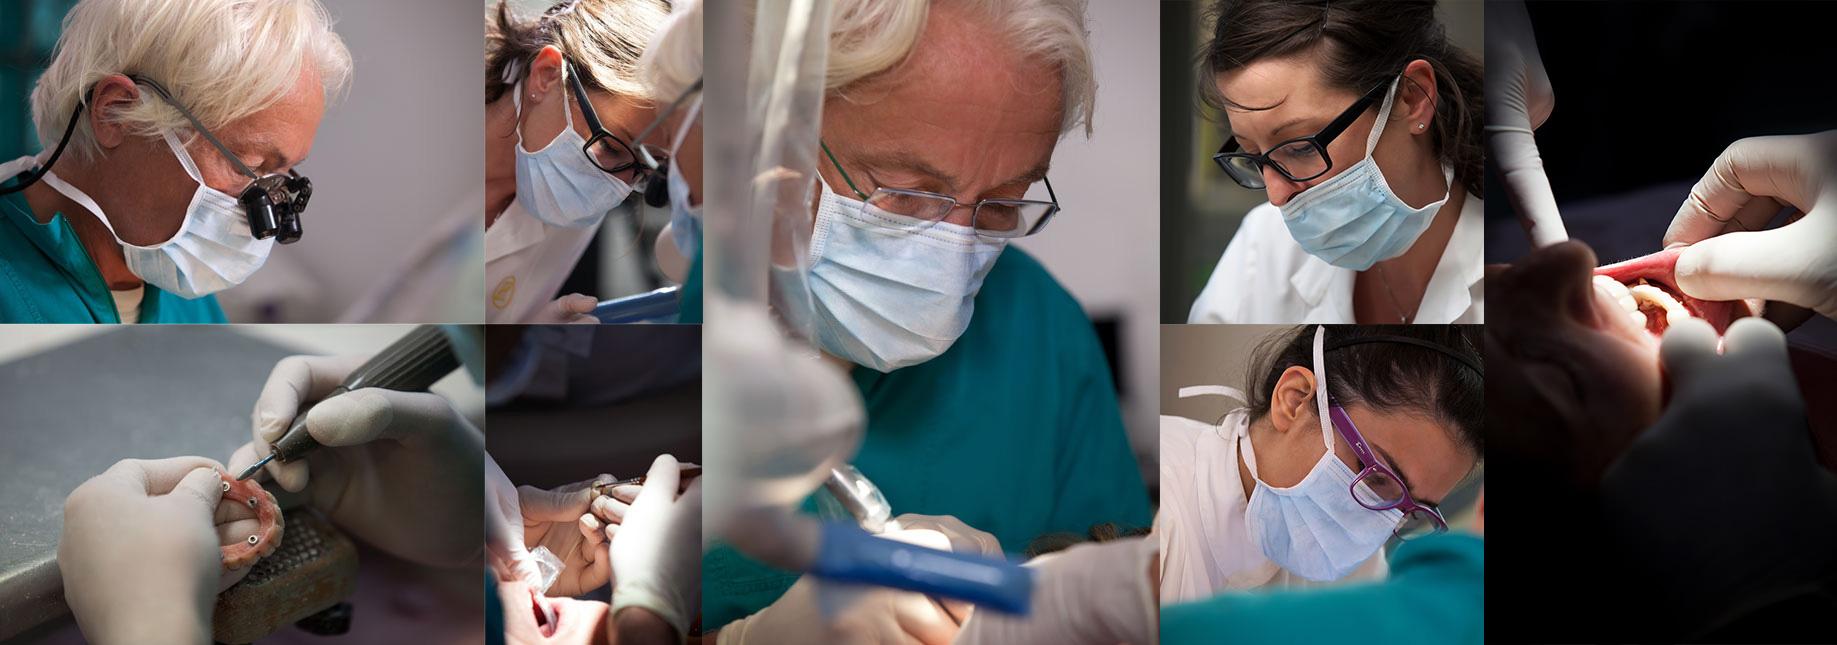 testata-dal-pont-dentista-belluno